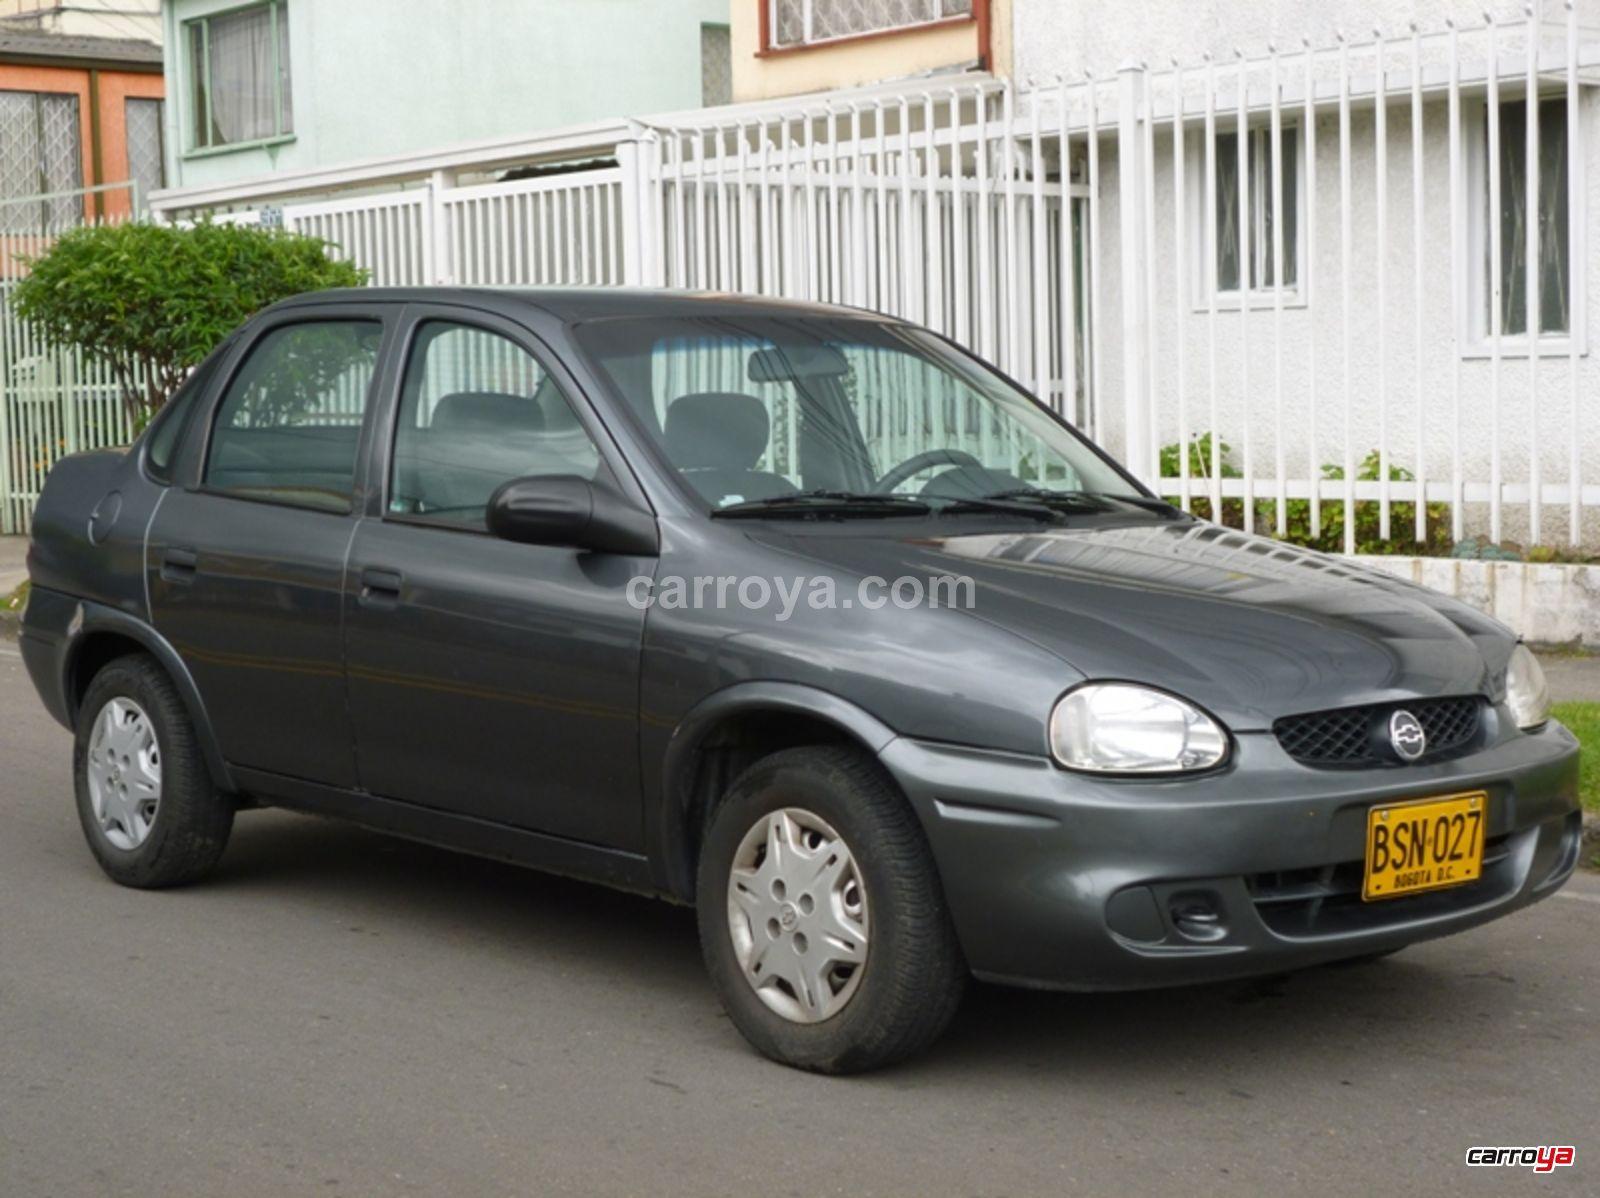 Vaydor For Sale Craigslist >> Toyota Ecuador Porque Toyota Ecuador Usados Youtube.html   Autos Post